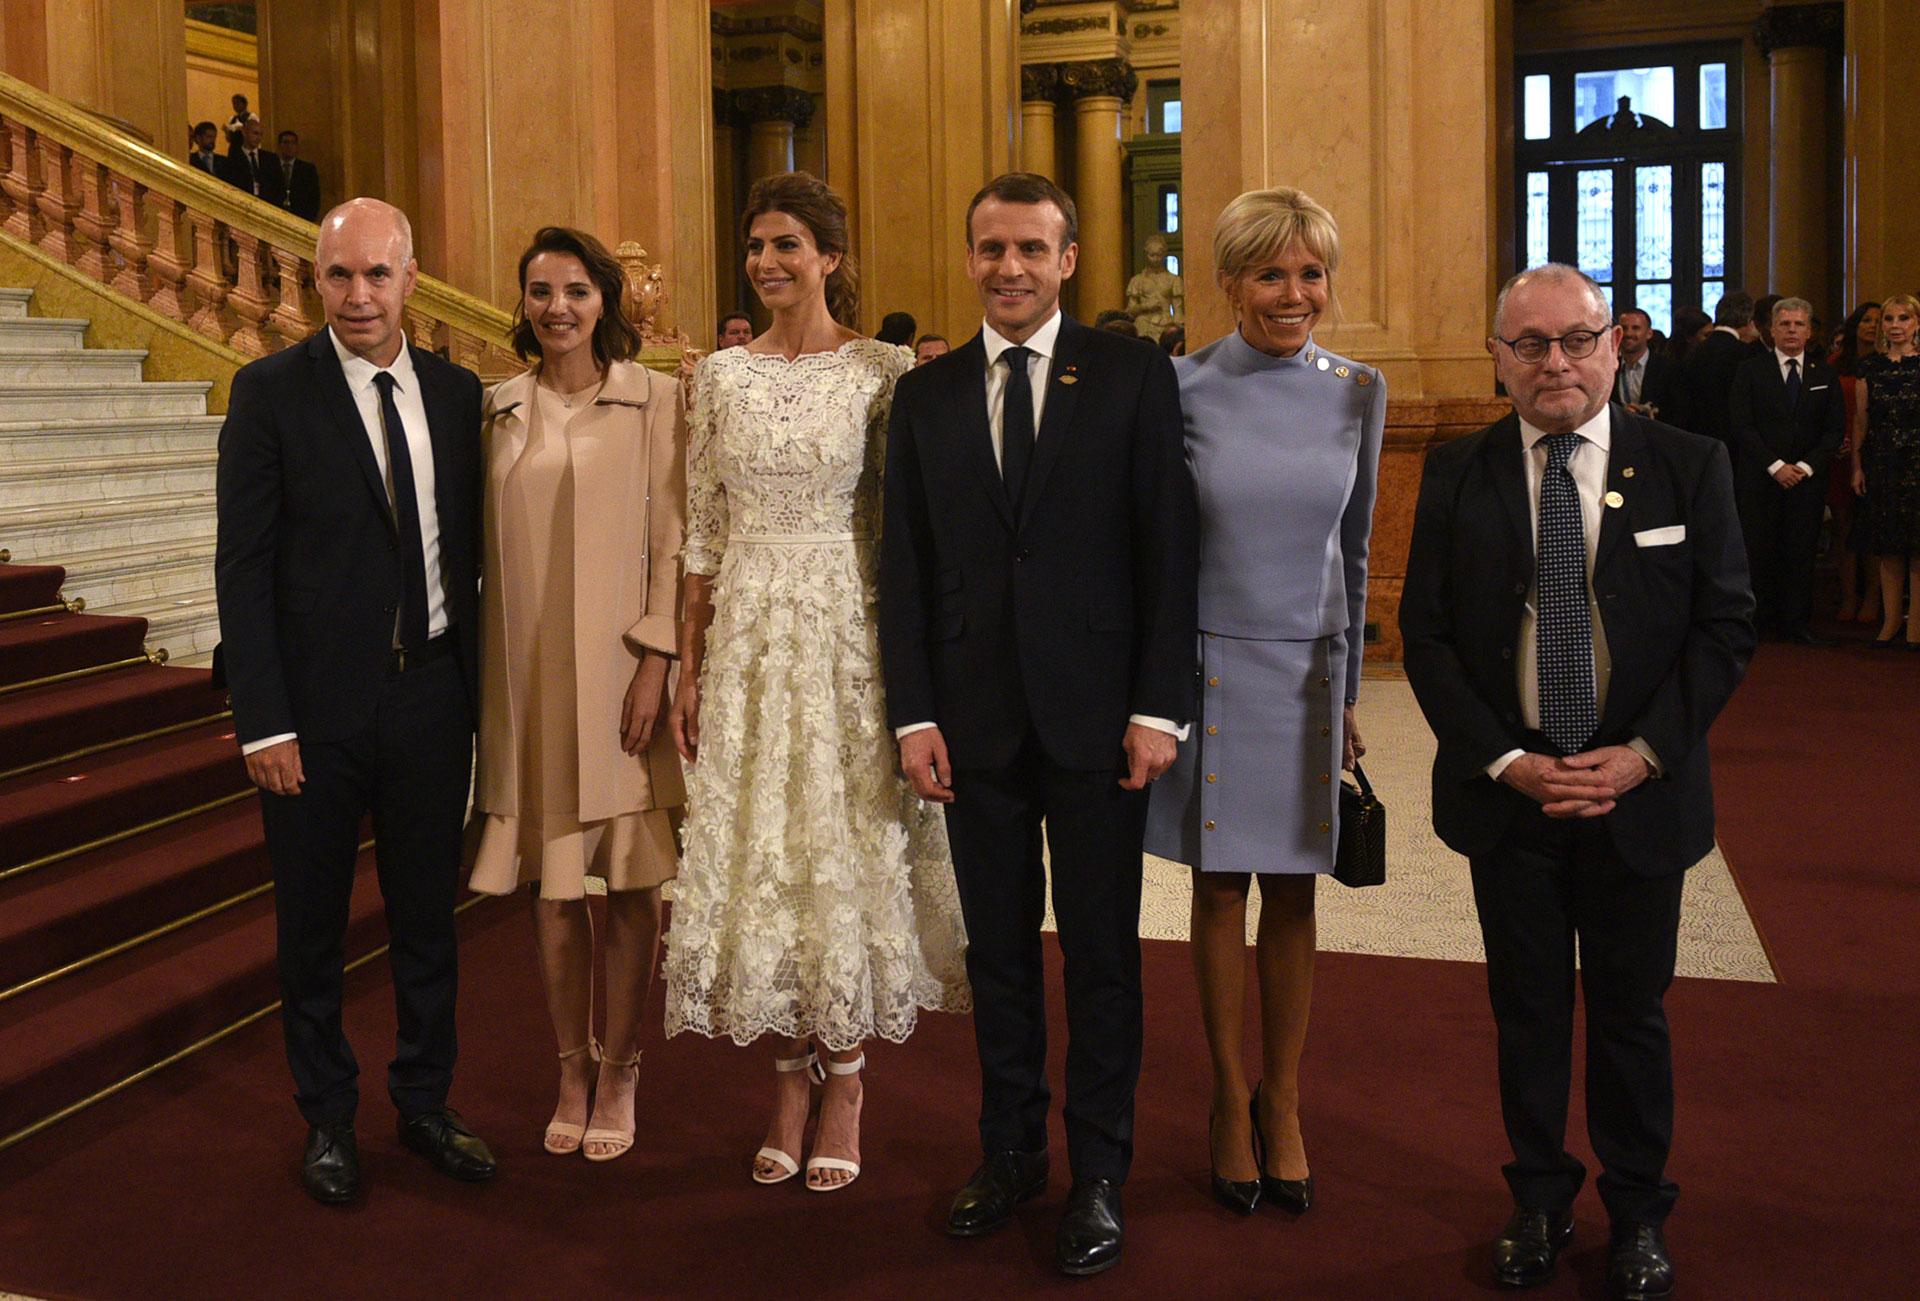 El jefe de Gobierno porteño, Horacio Rodríguez Larreta, junto a su mujer Bárbara Diez; Juliana Awada; Emmanuel y Brigitte Macron, y el canciller Jorge Faurie